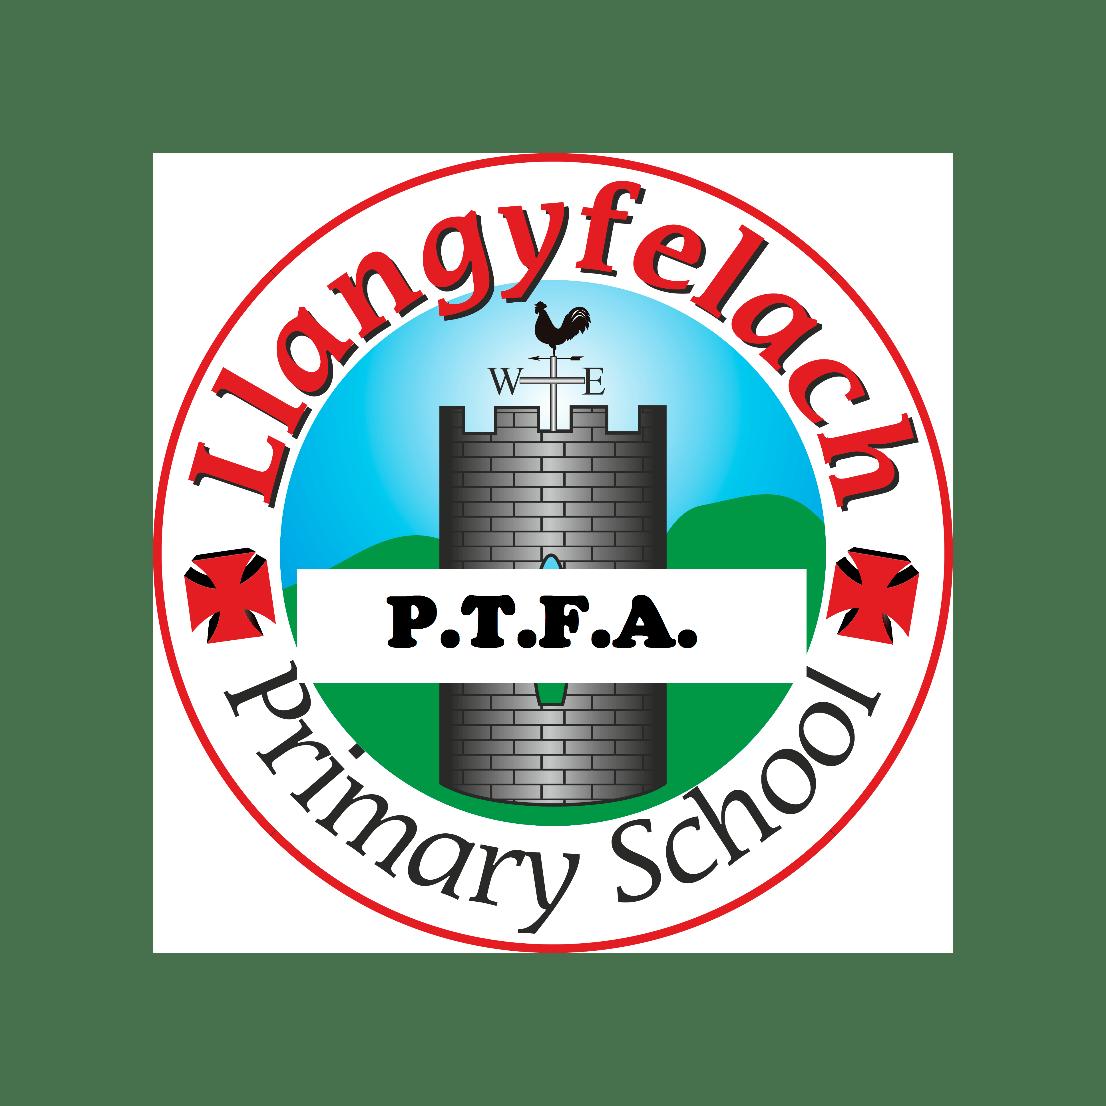 Llangyfelach Primary School PTFA